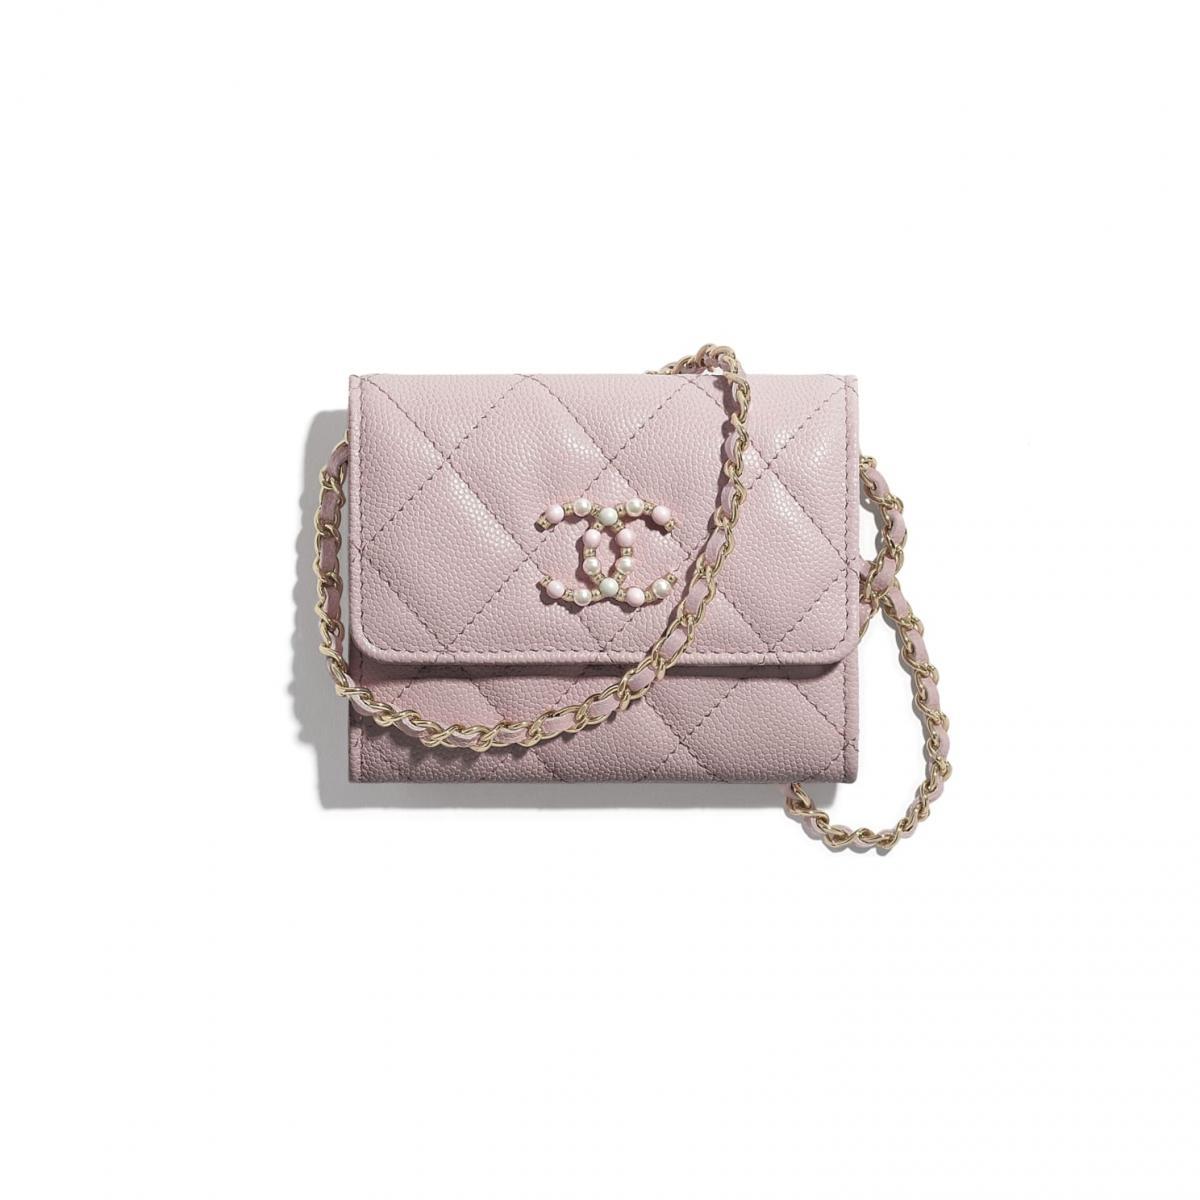 2021年Chanel春夏包包「寶寶粉」推薦這8款!水桶包、圓餅包 、零錢包 .....19口蓋包有錢不一定買的到-6